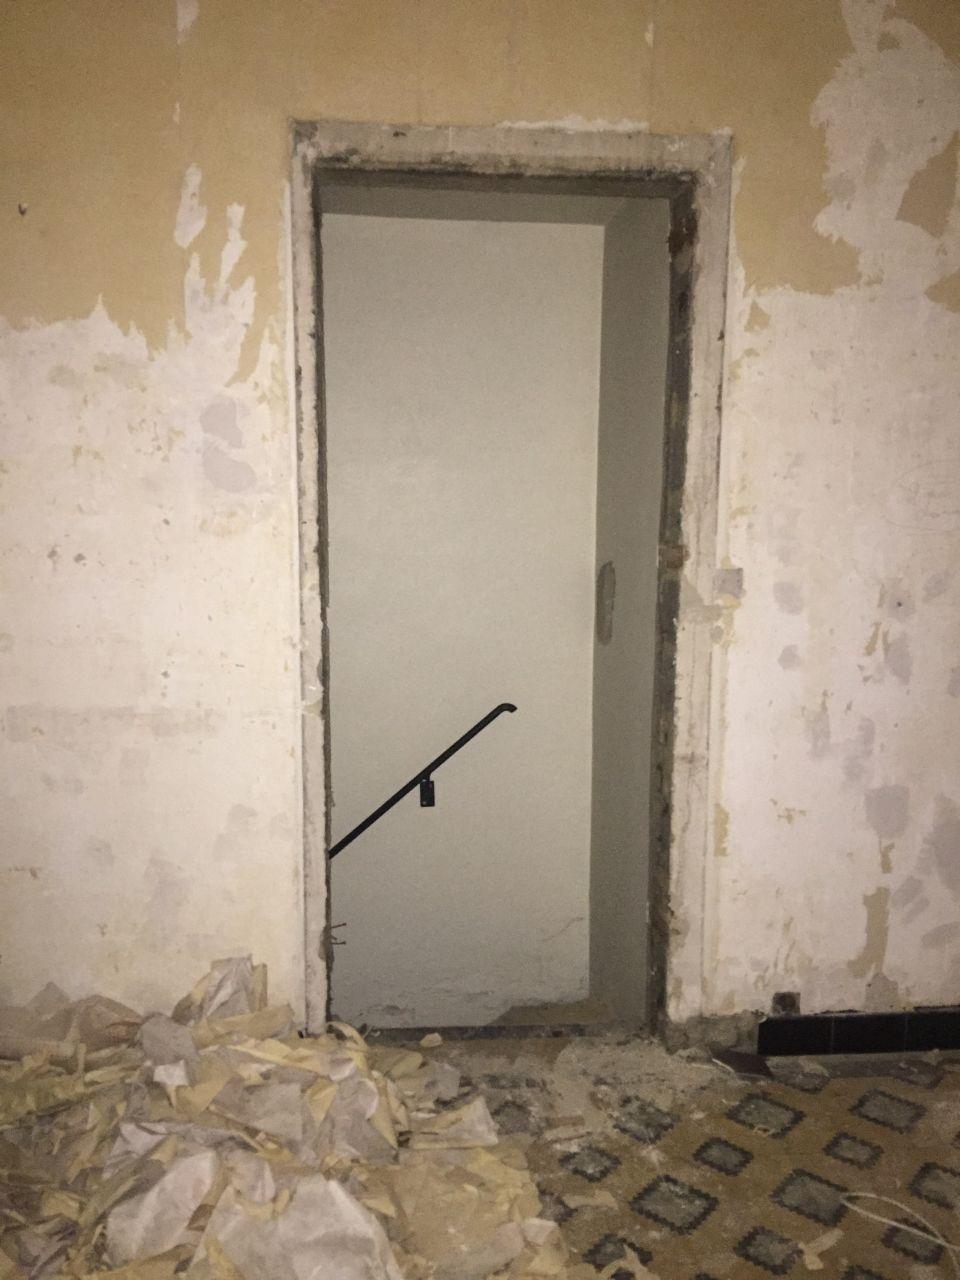 Démolition de la porte de la cave pour déplacer l'entrée dans le garage.